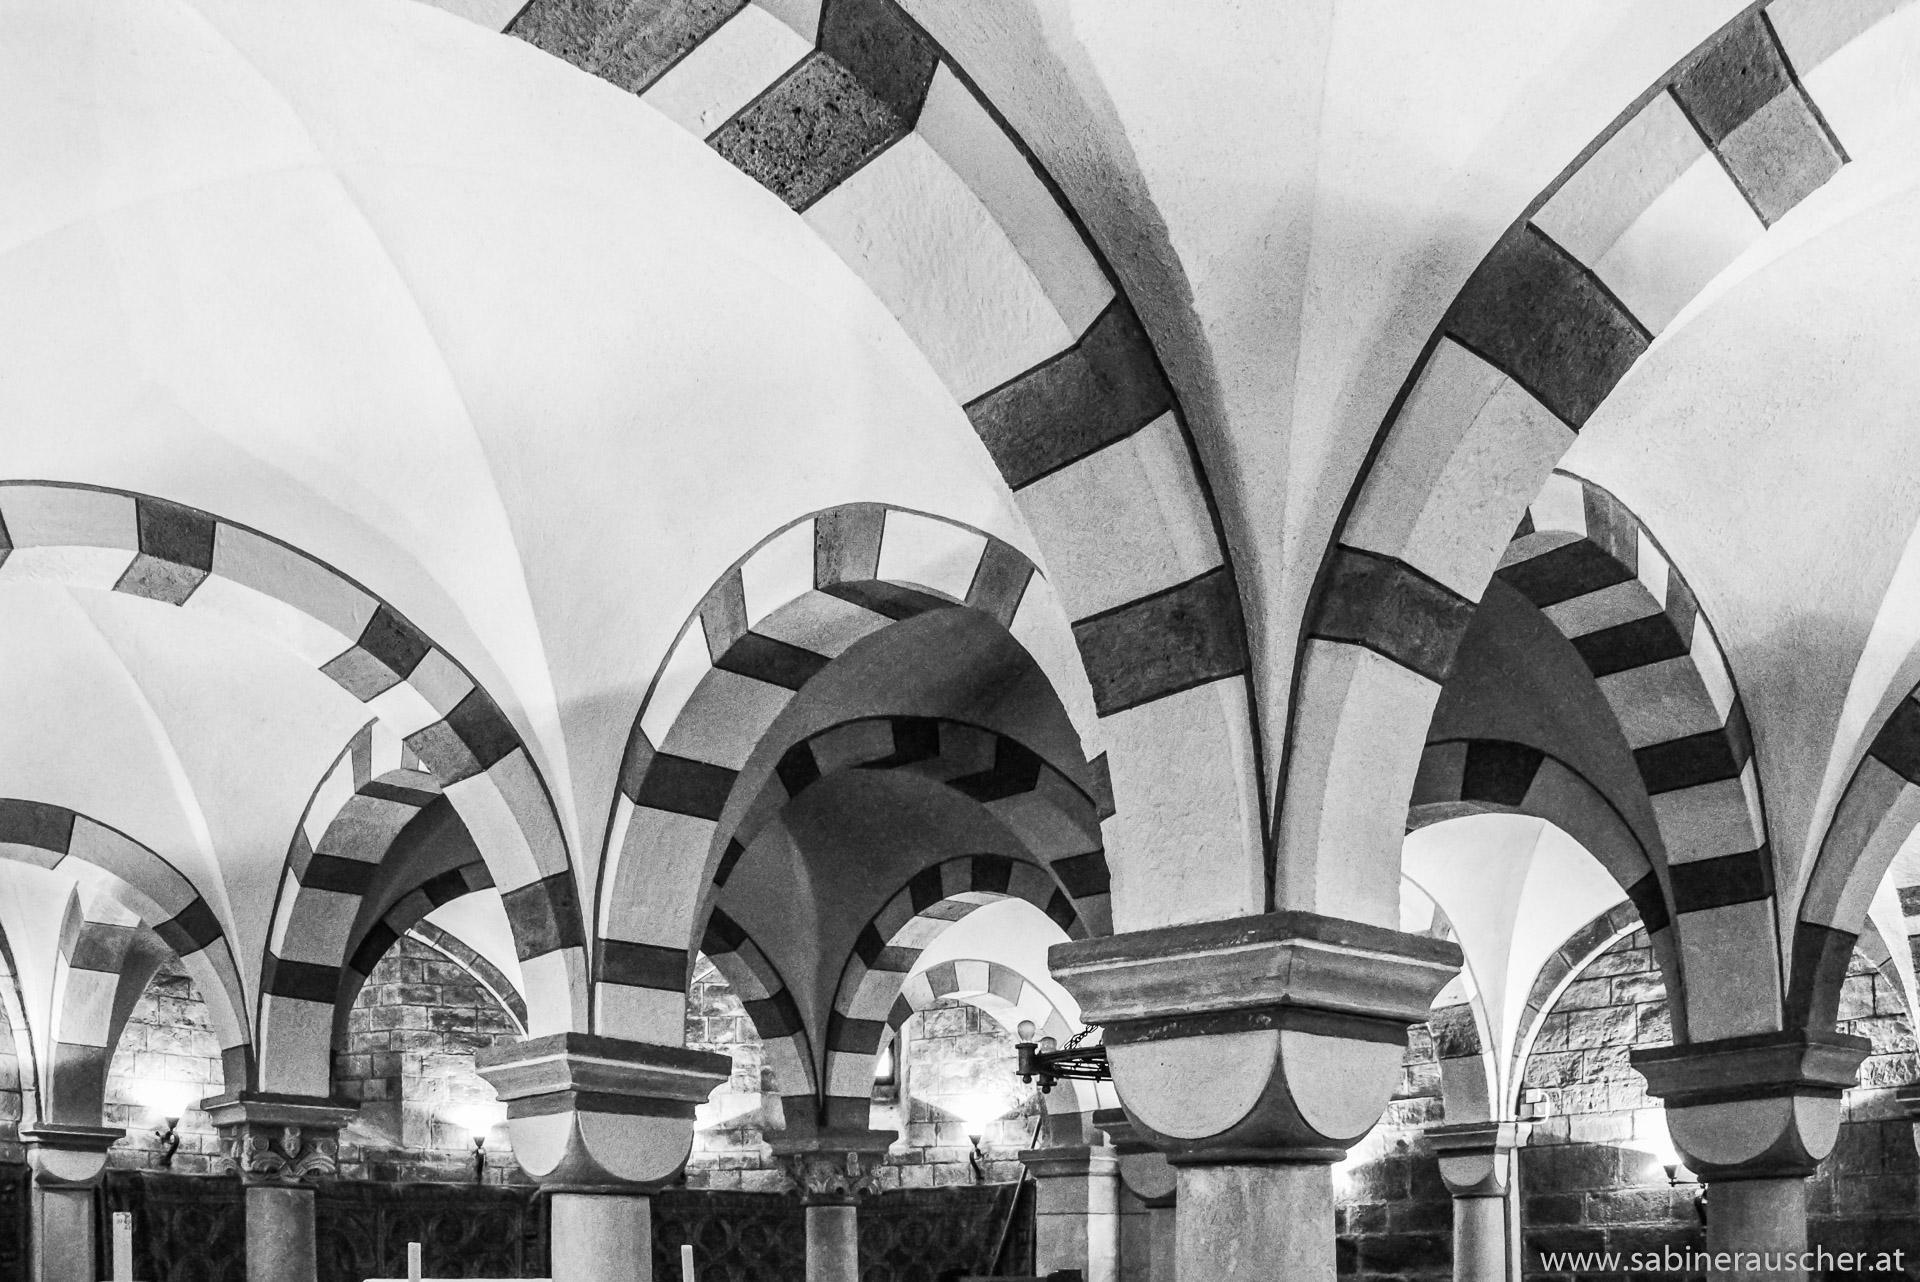 Vaults in the Benedictine abbey  in Maria Laach, Germany | Gewölbebögen in der Benediktiner Abtei Maria Laach